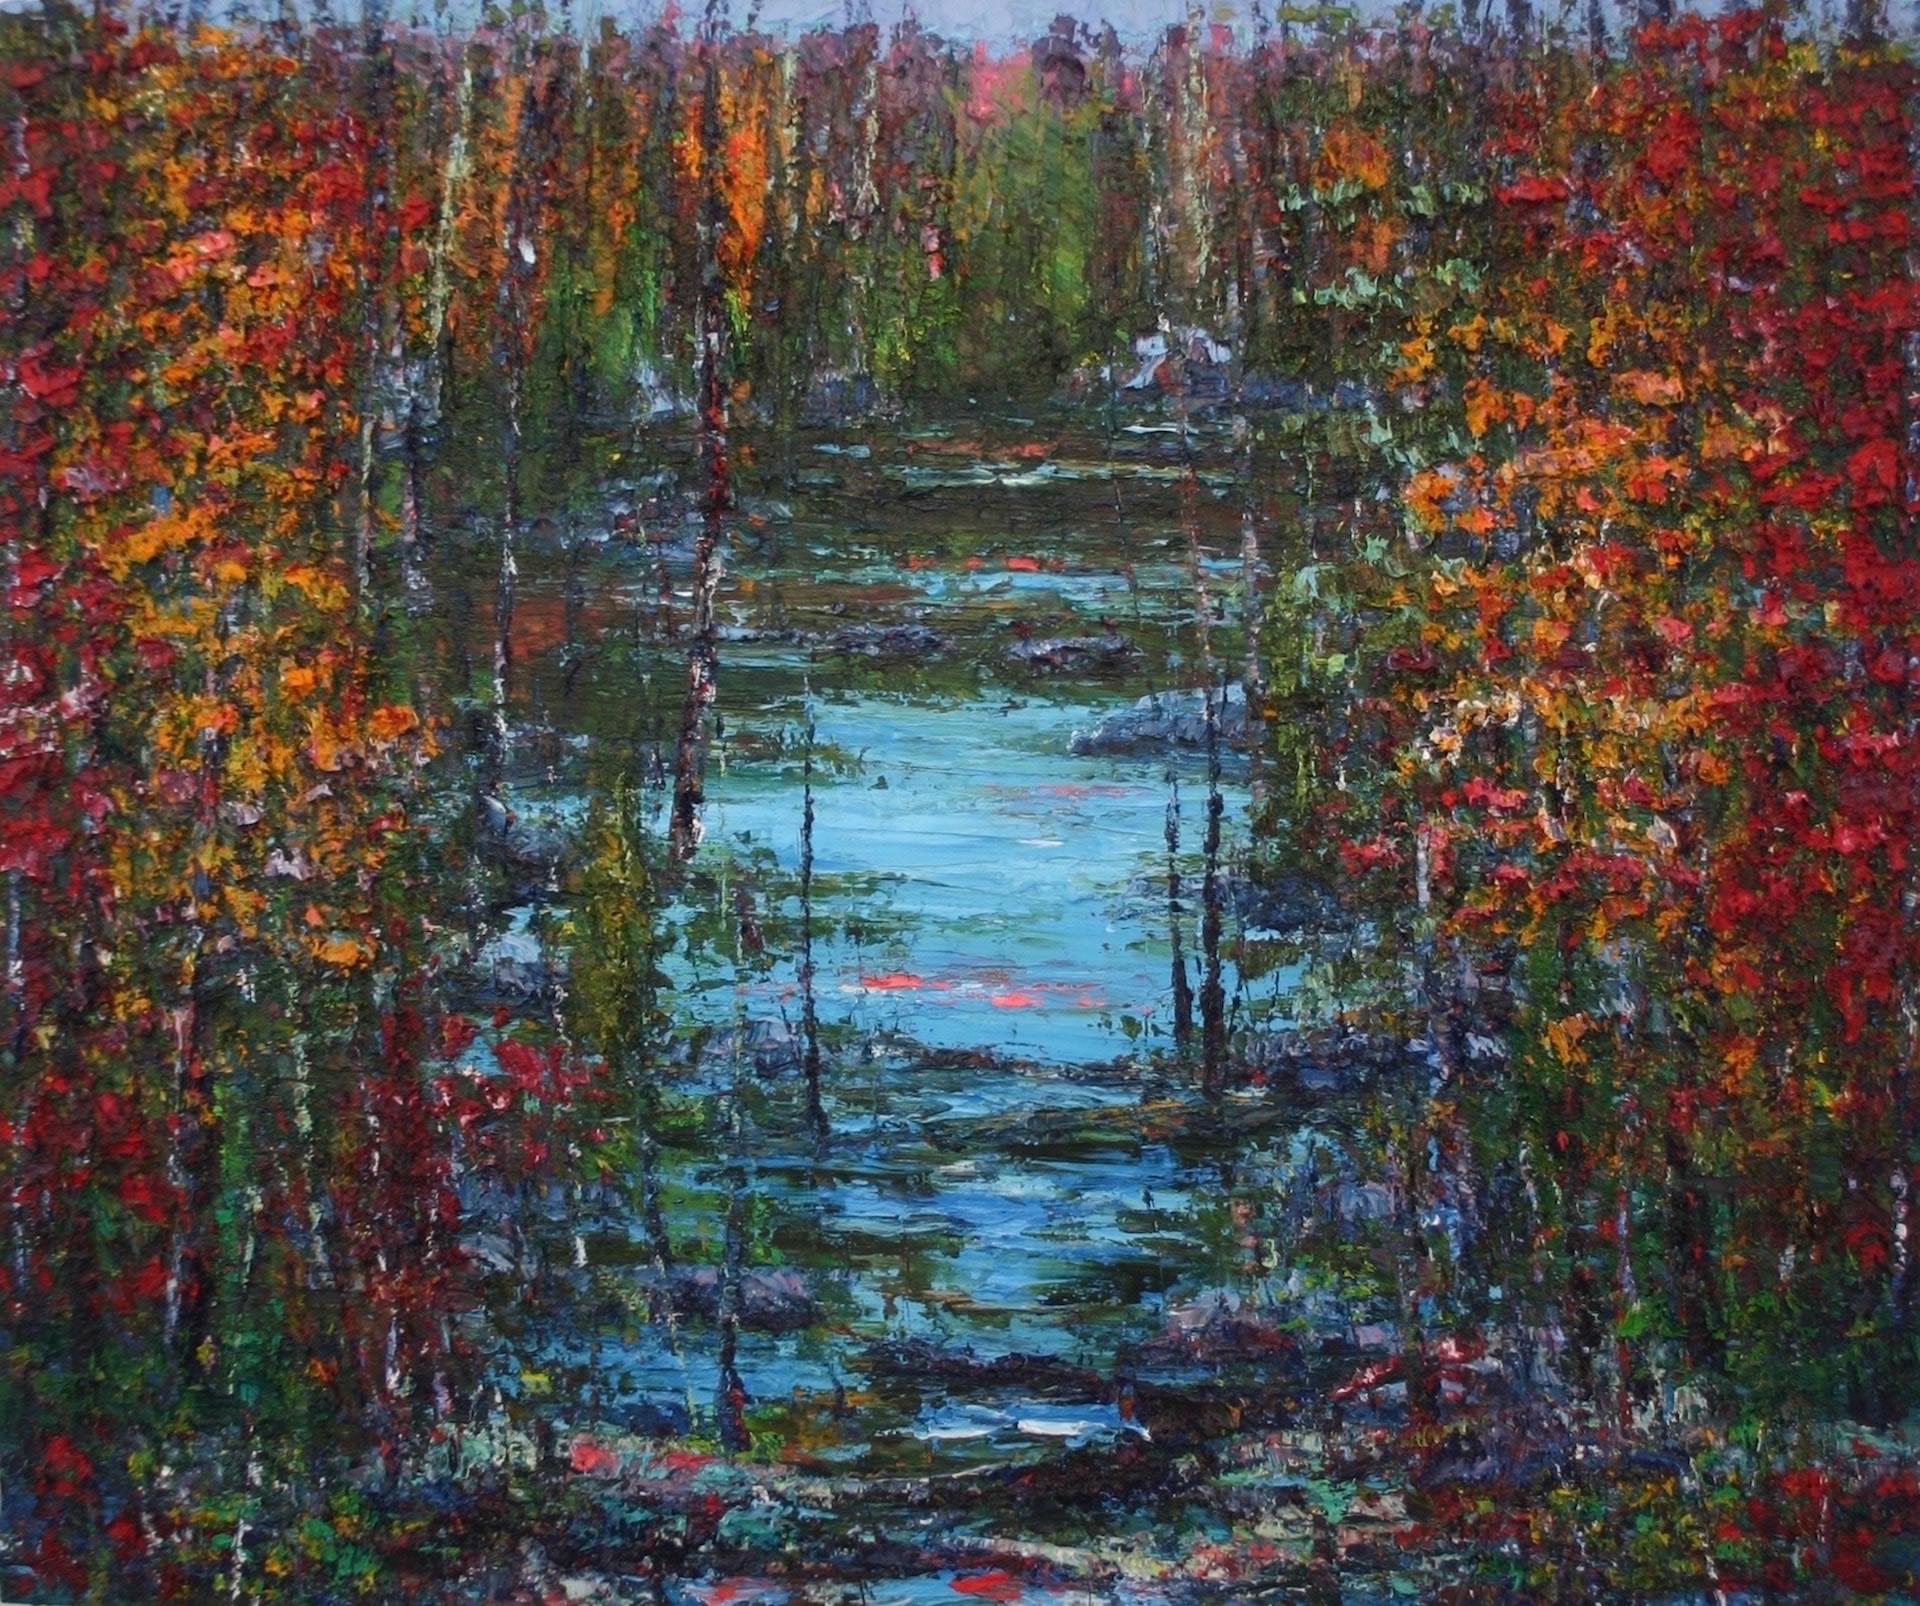 John-Barkley-Autumn-Highlights-2016-Oil-On-Canvas-30x36-6025-Online-Art-Galleries